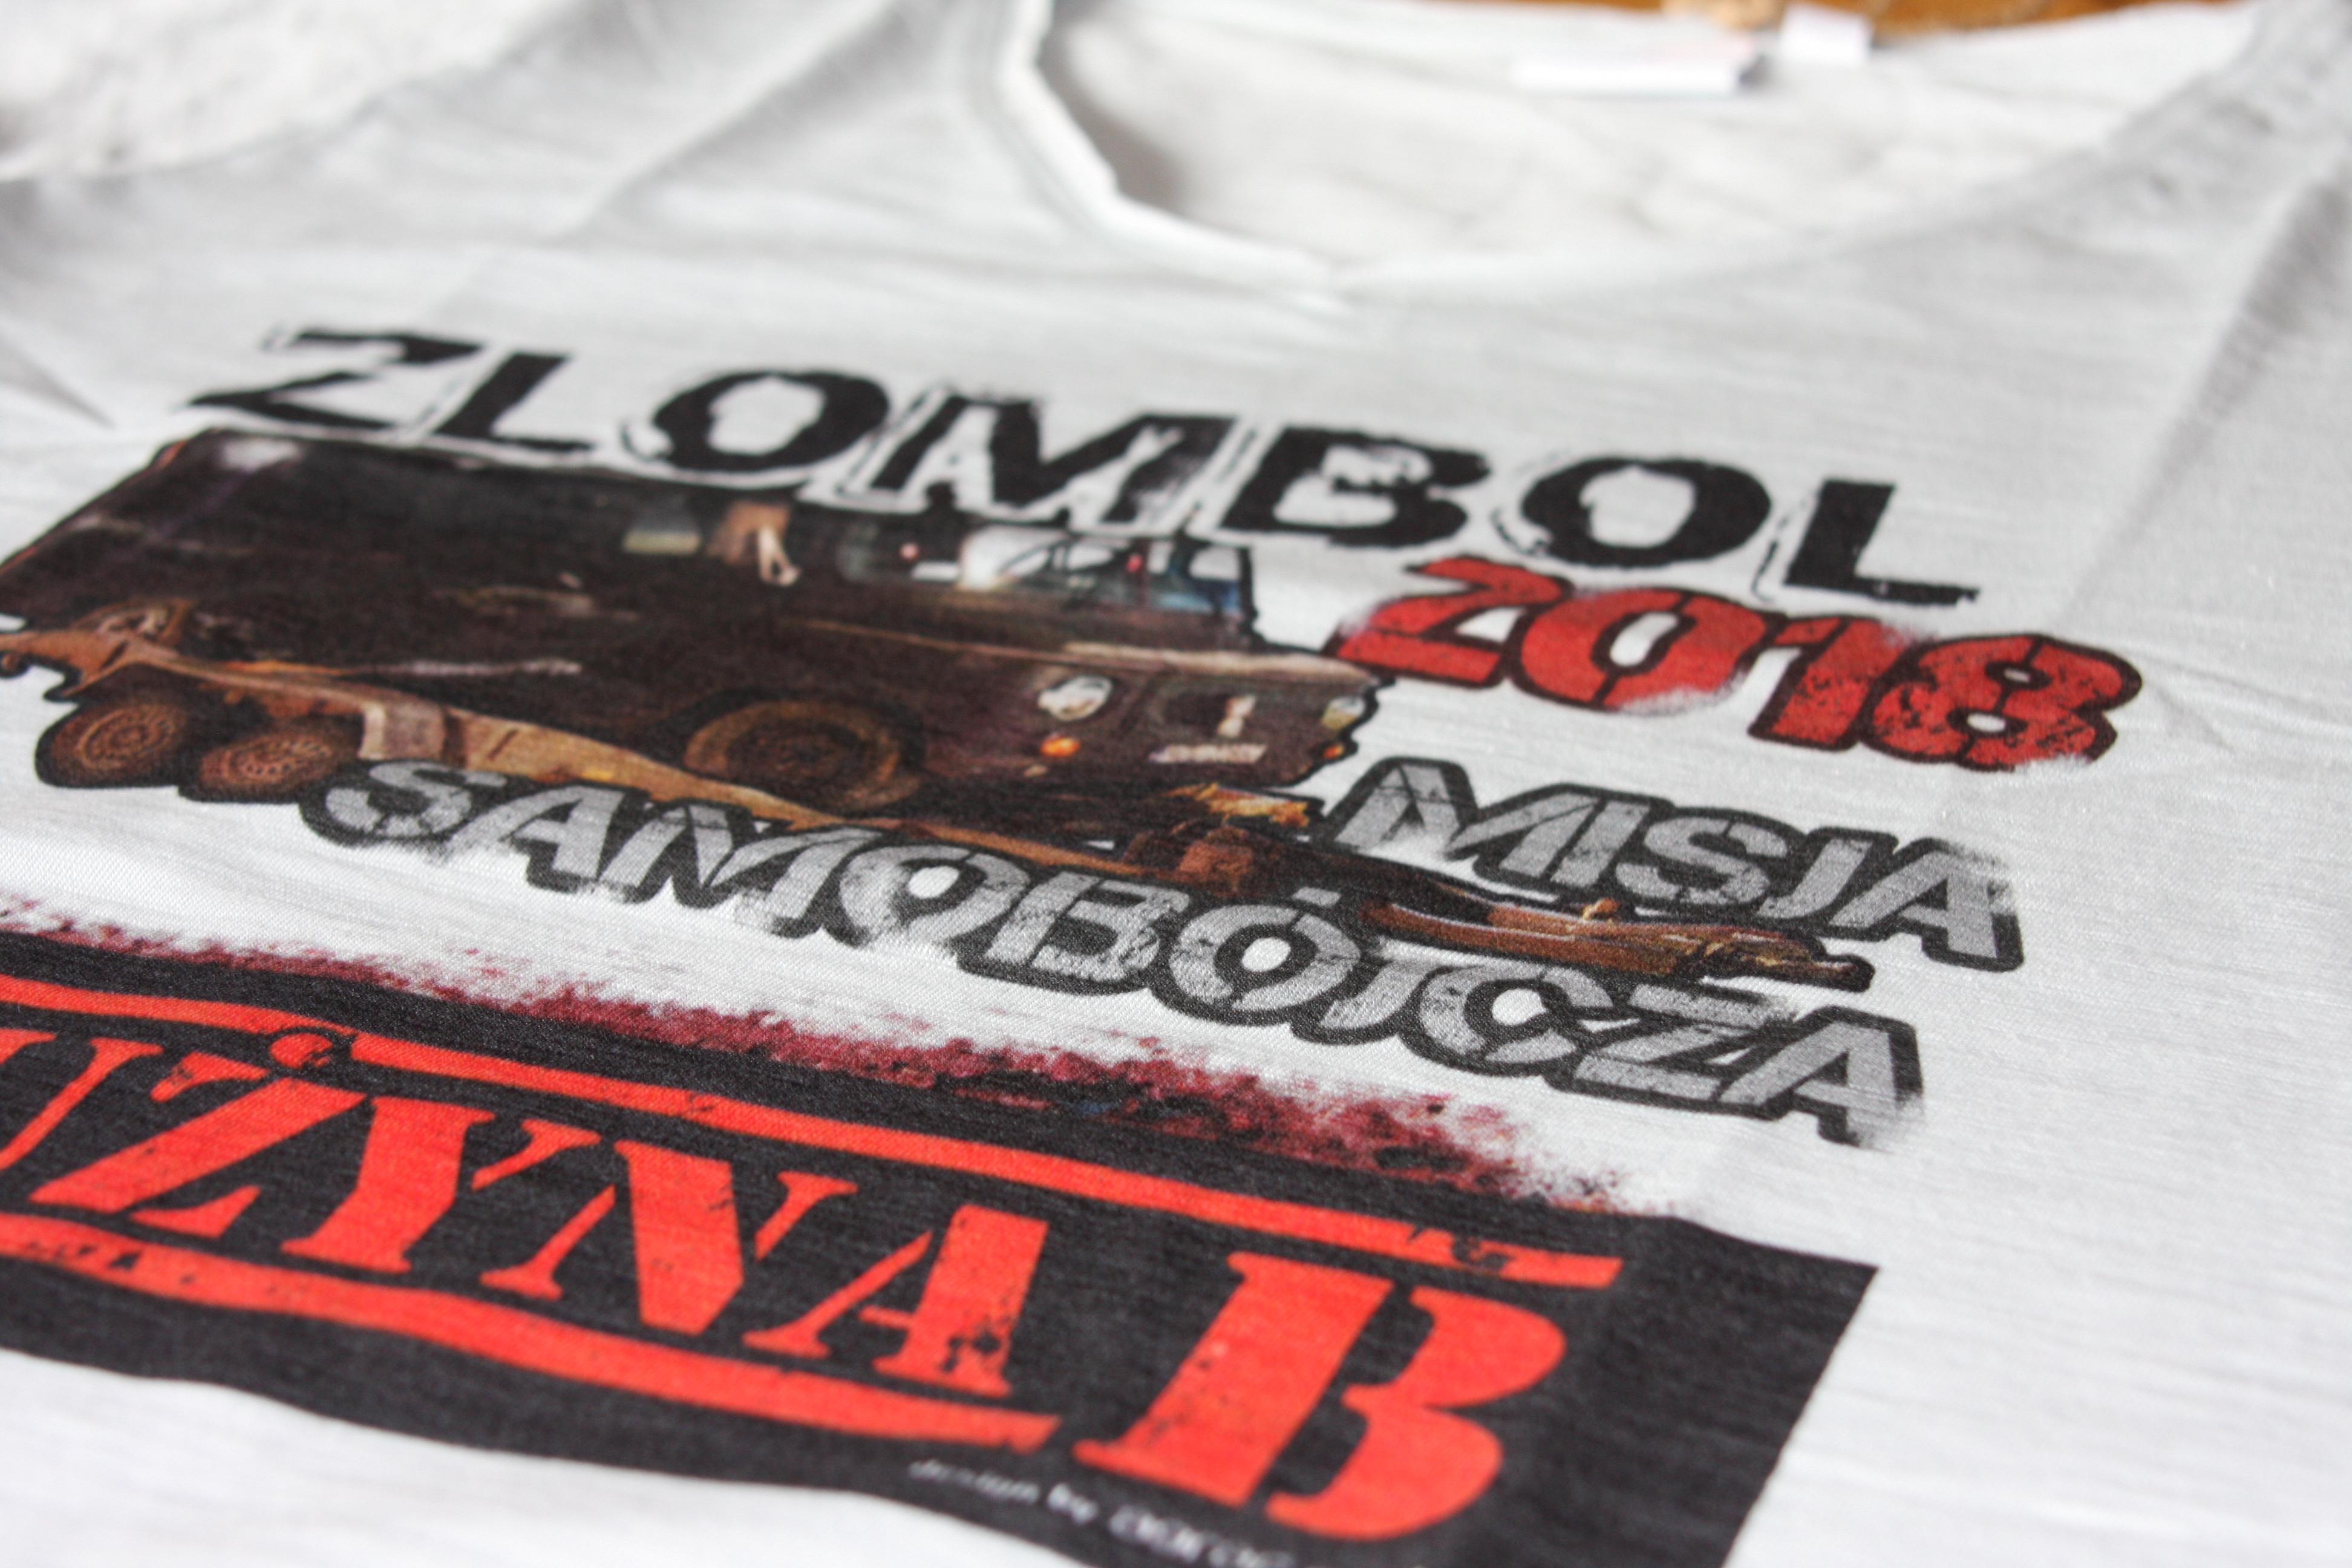 Koszulki na rajd charytatywny Złombol